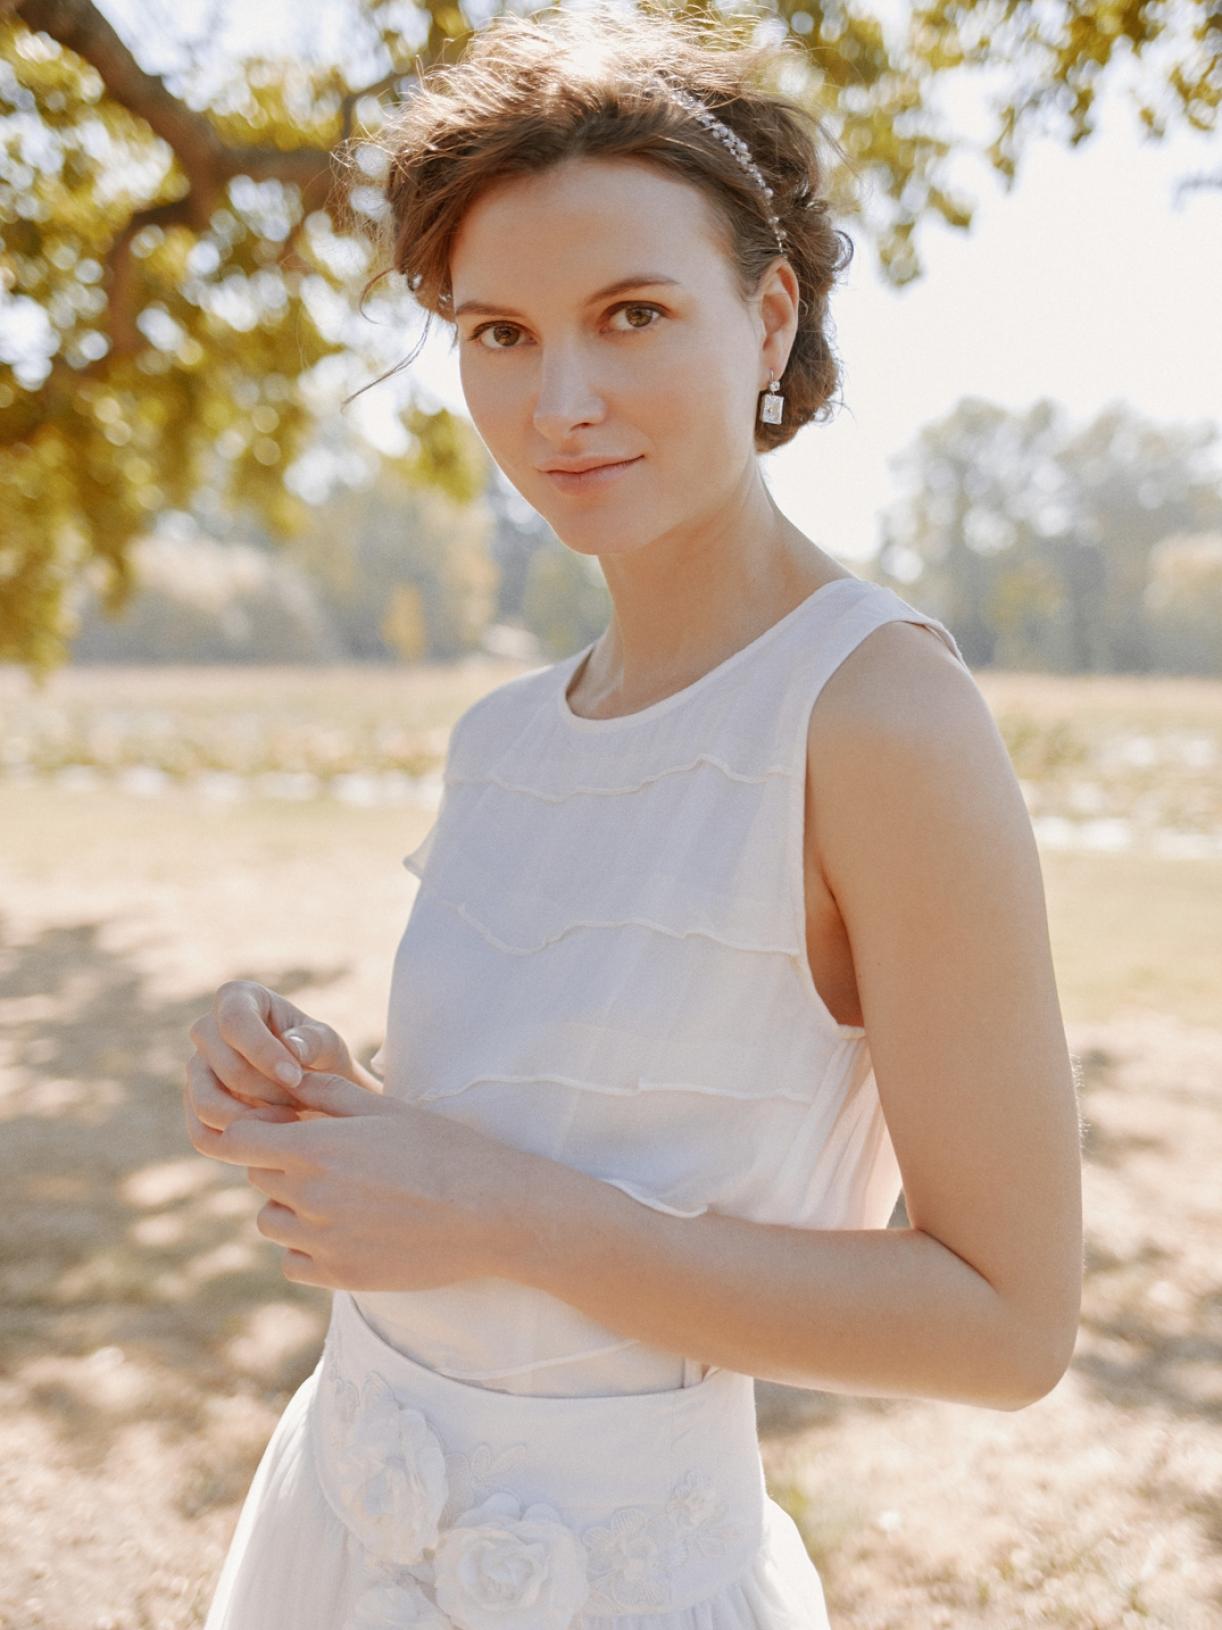 Faustine - Blouse de mariée a volant écoresponsable - Myphilosophy